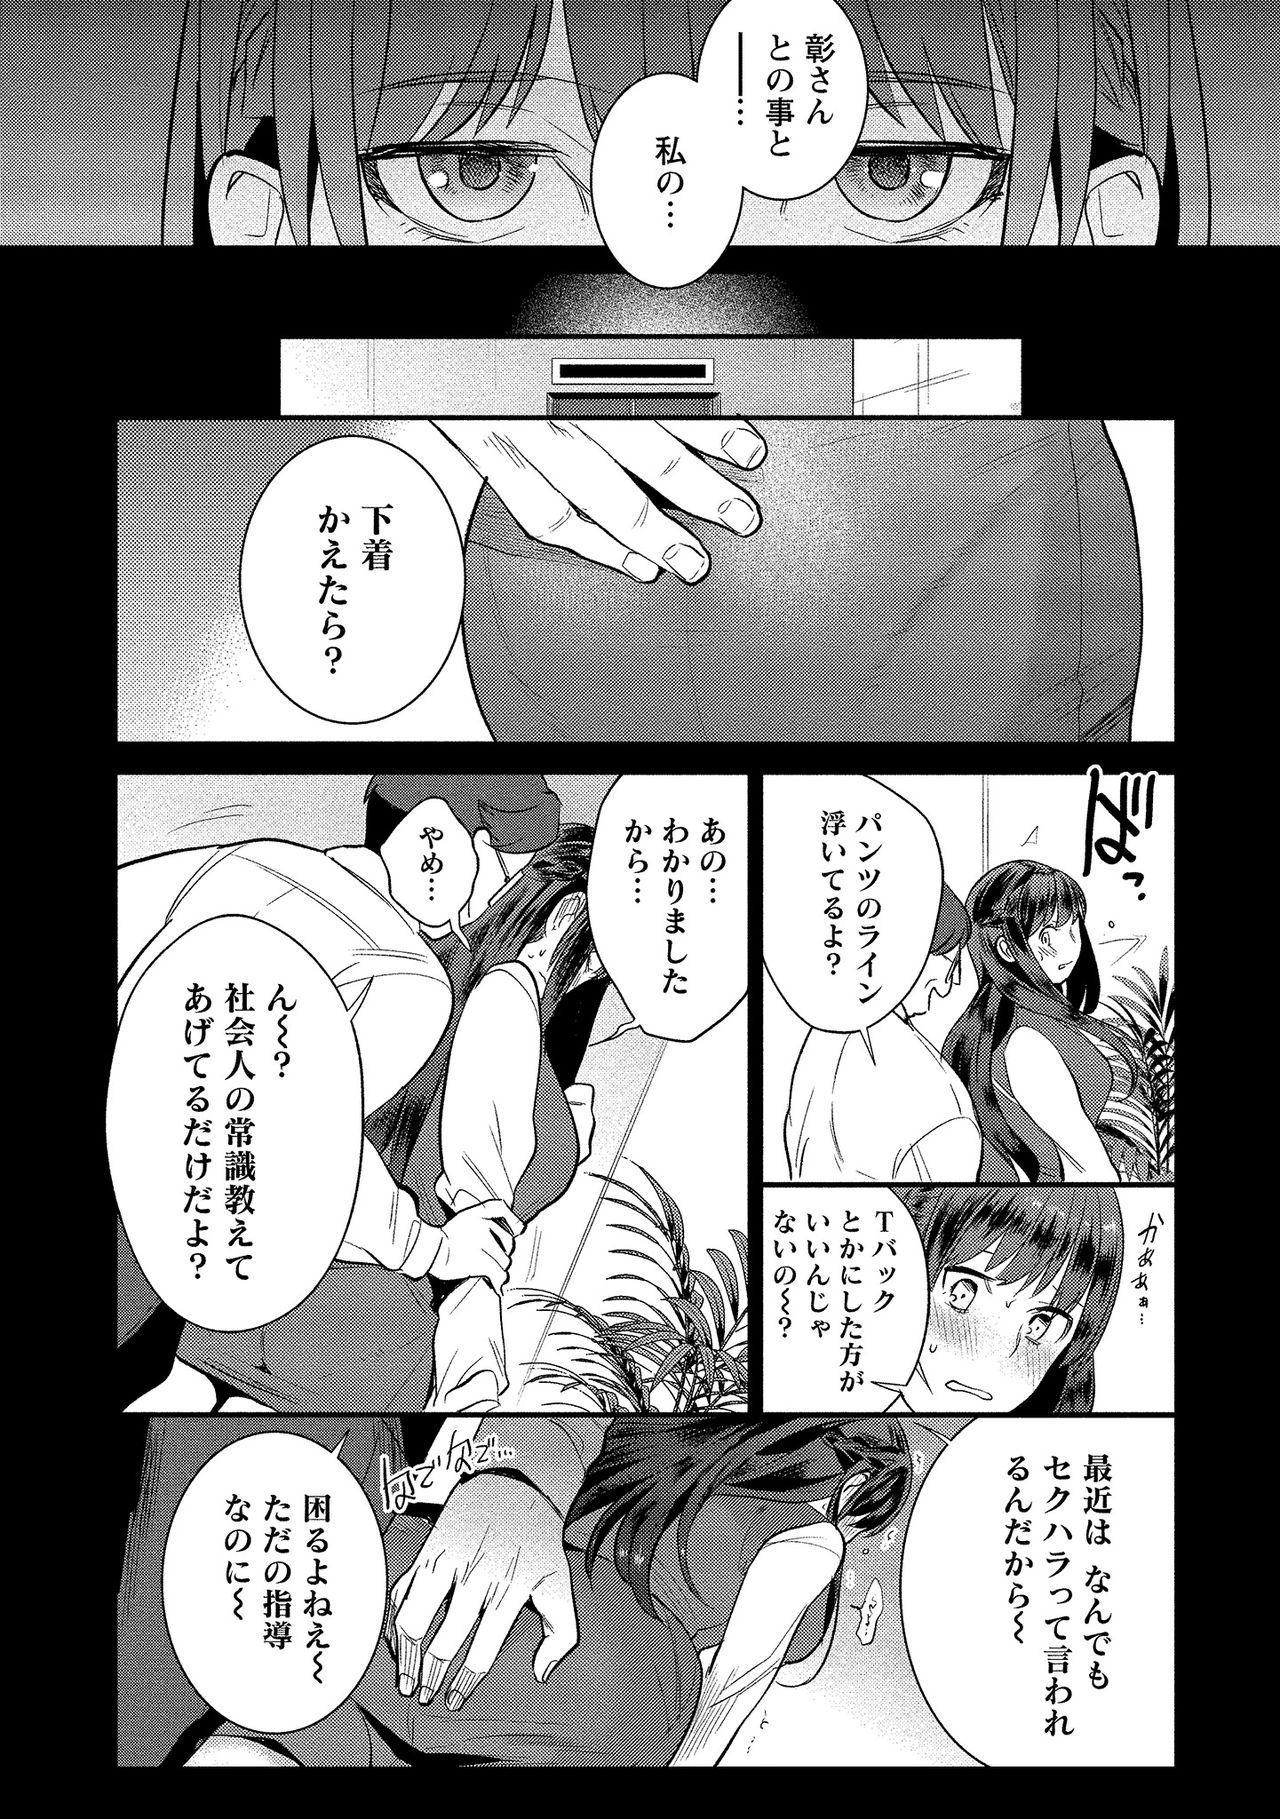 Dorobou Neko wa Kanojo no Hajimari 177